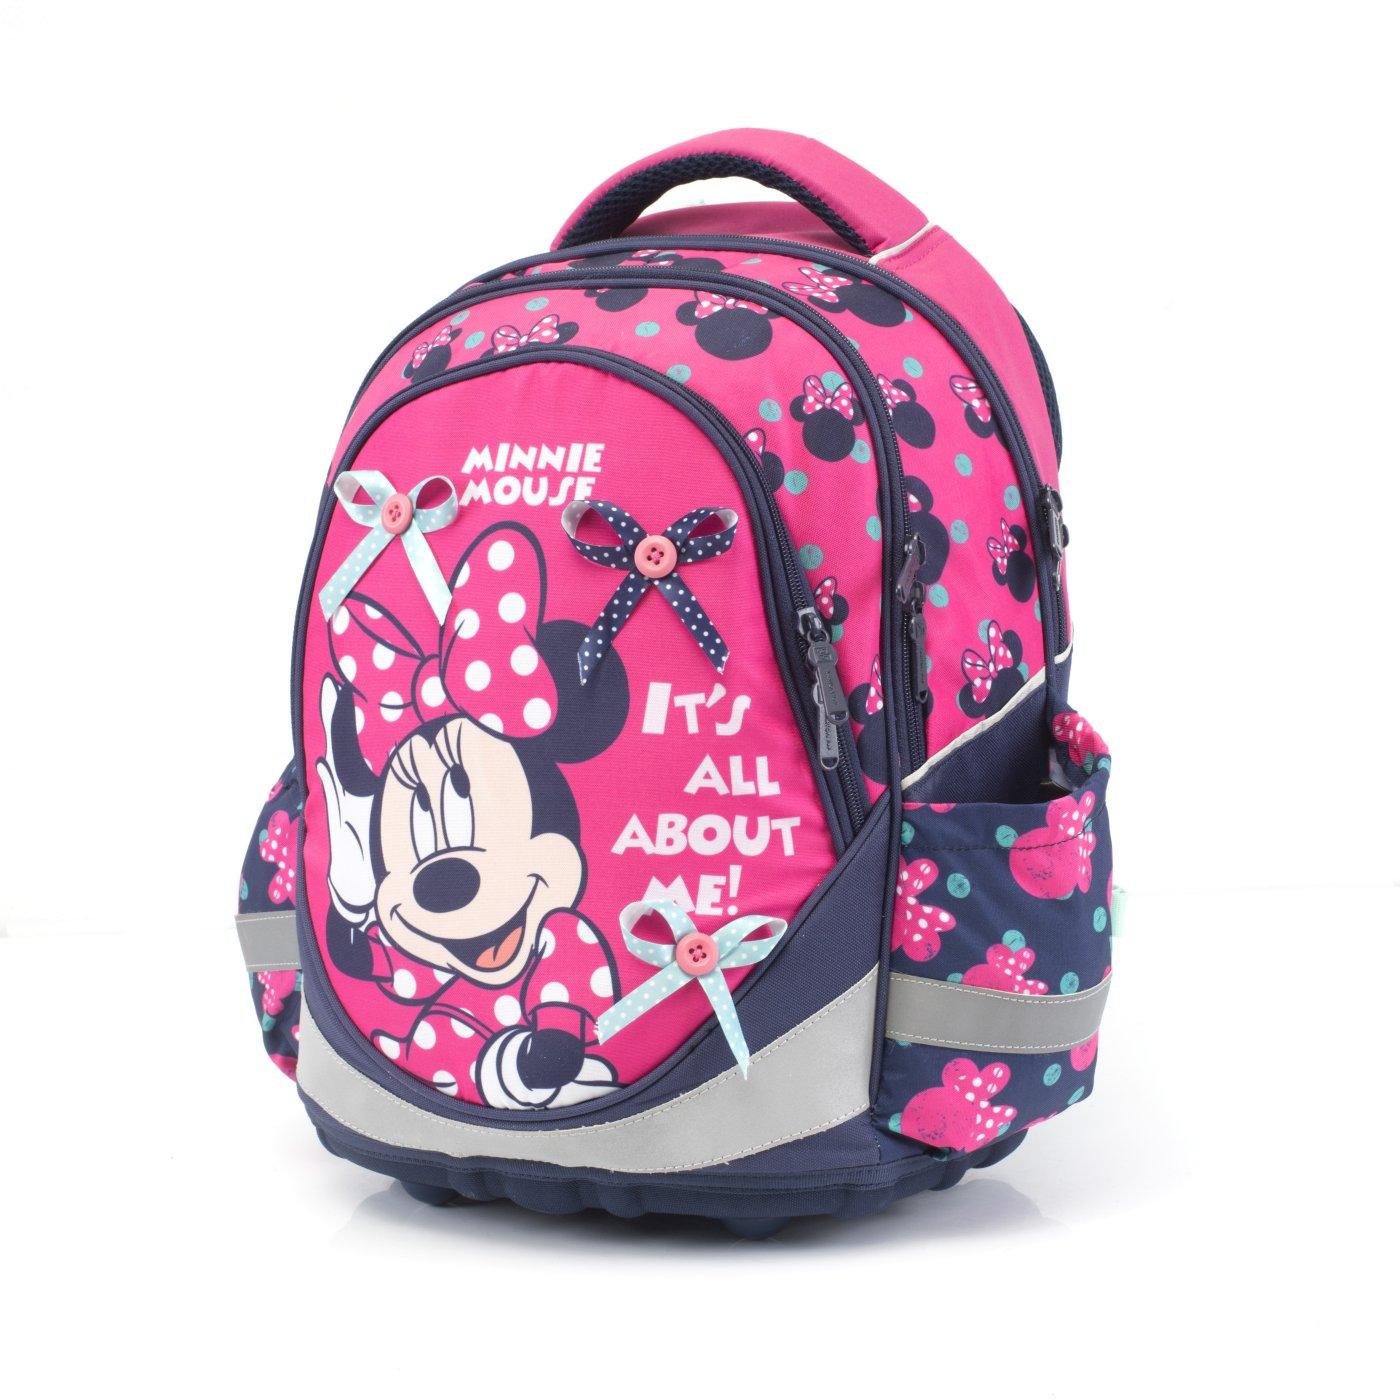 2c9e3eca392 Anatomical backpack ERGO JUNIOR Minnie - Školní potřeby » BATOHY A ...